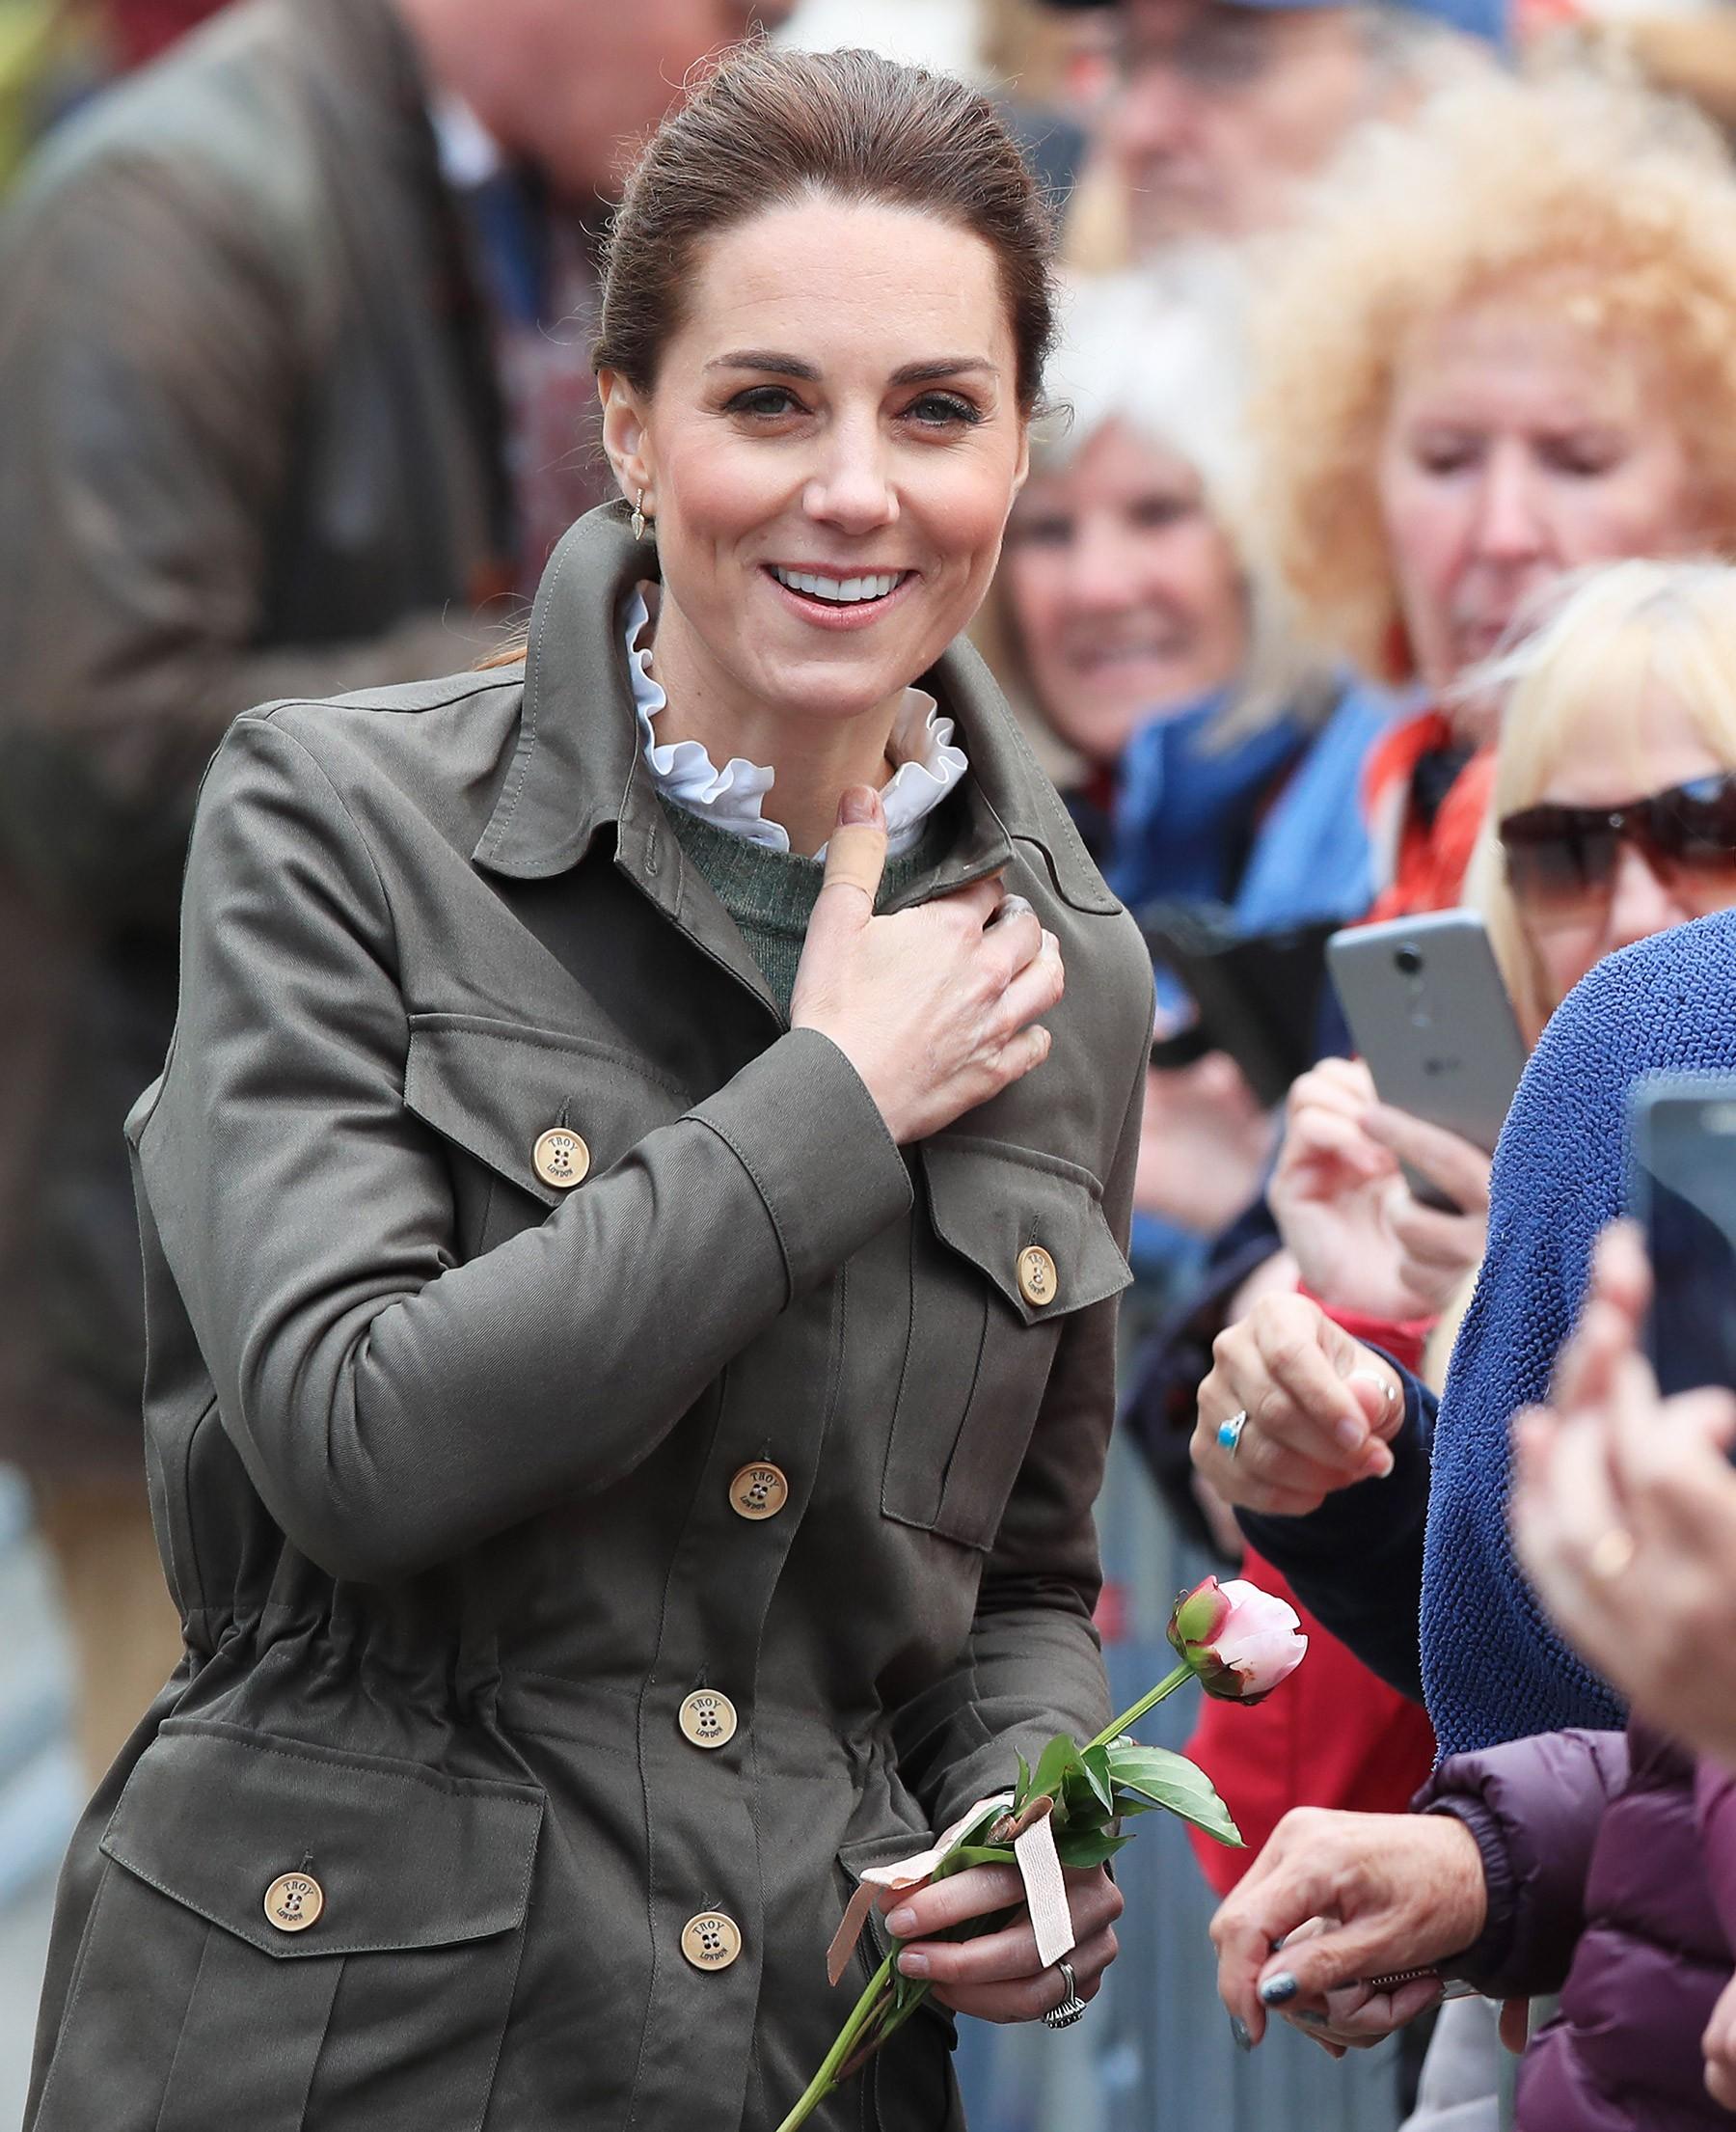 Hãy xem phản ứng của Kate Middleton khi bị một bé gái hỏi 'Tại sao cô không mặc váy công chúa Elsa?' - Ảnh 2.